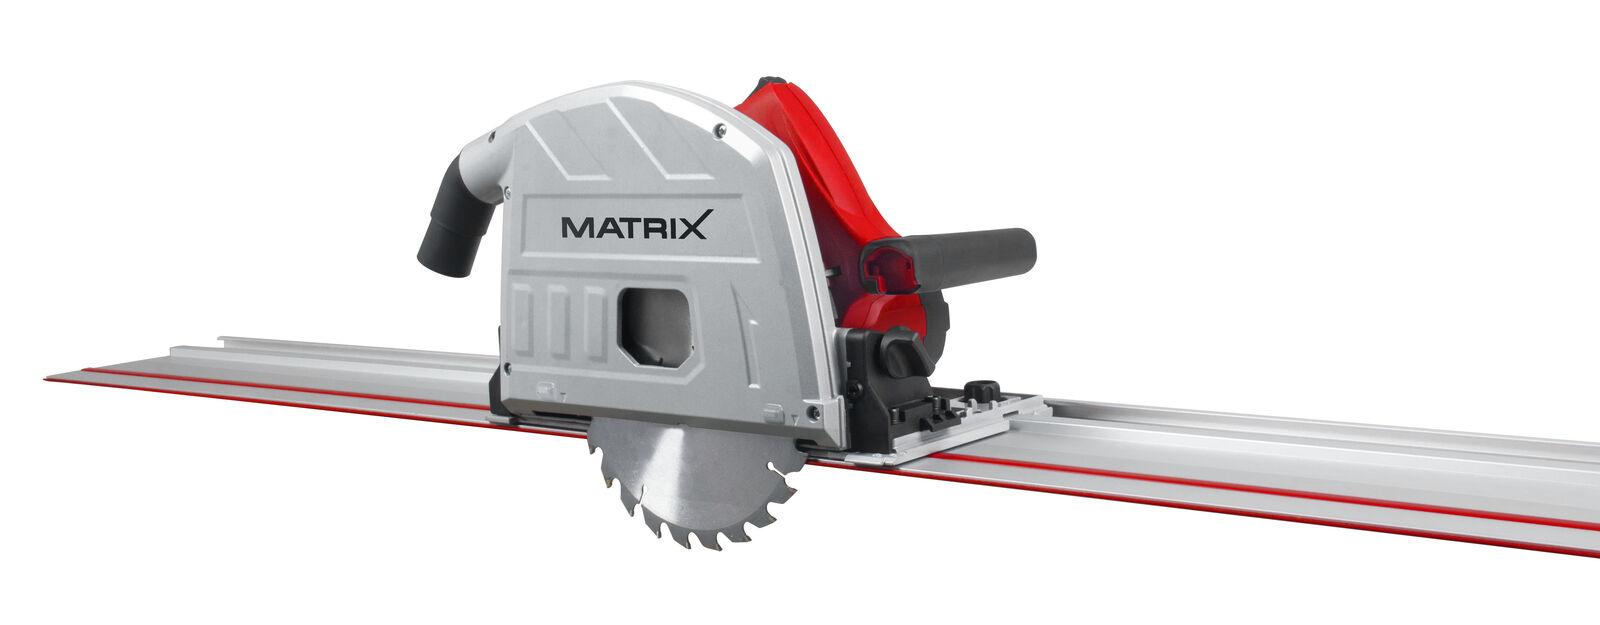 Matrix Tauchsäge - TSR 1400-56, 1400 W, 5200 min-1, 190x20x2,6 mm